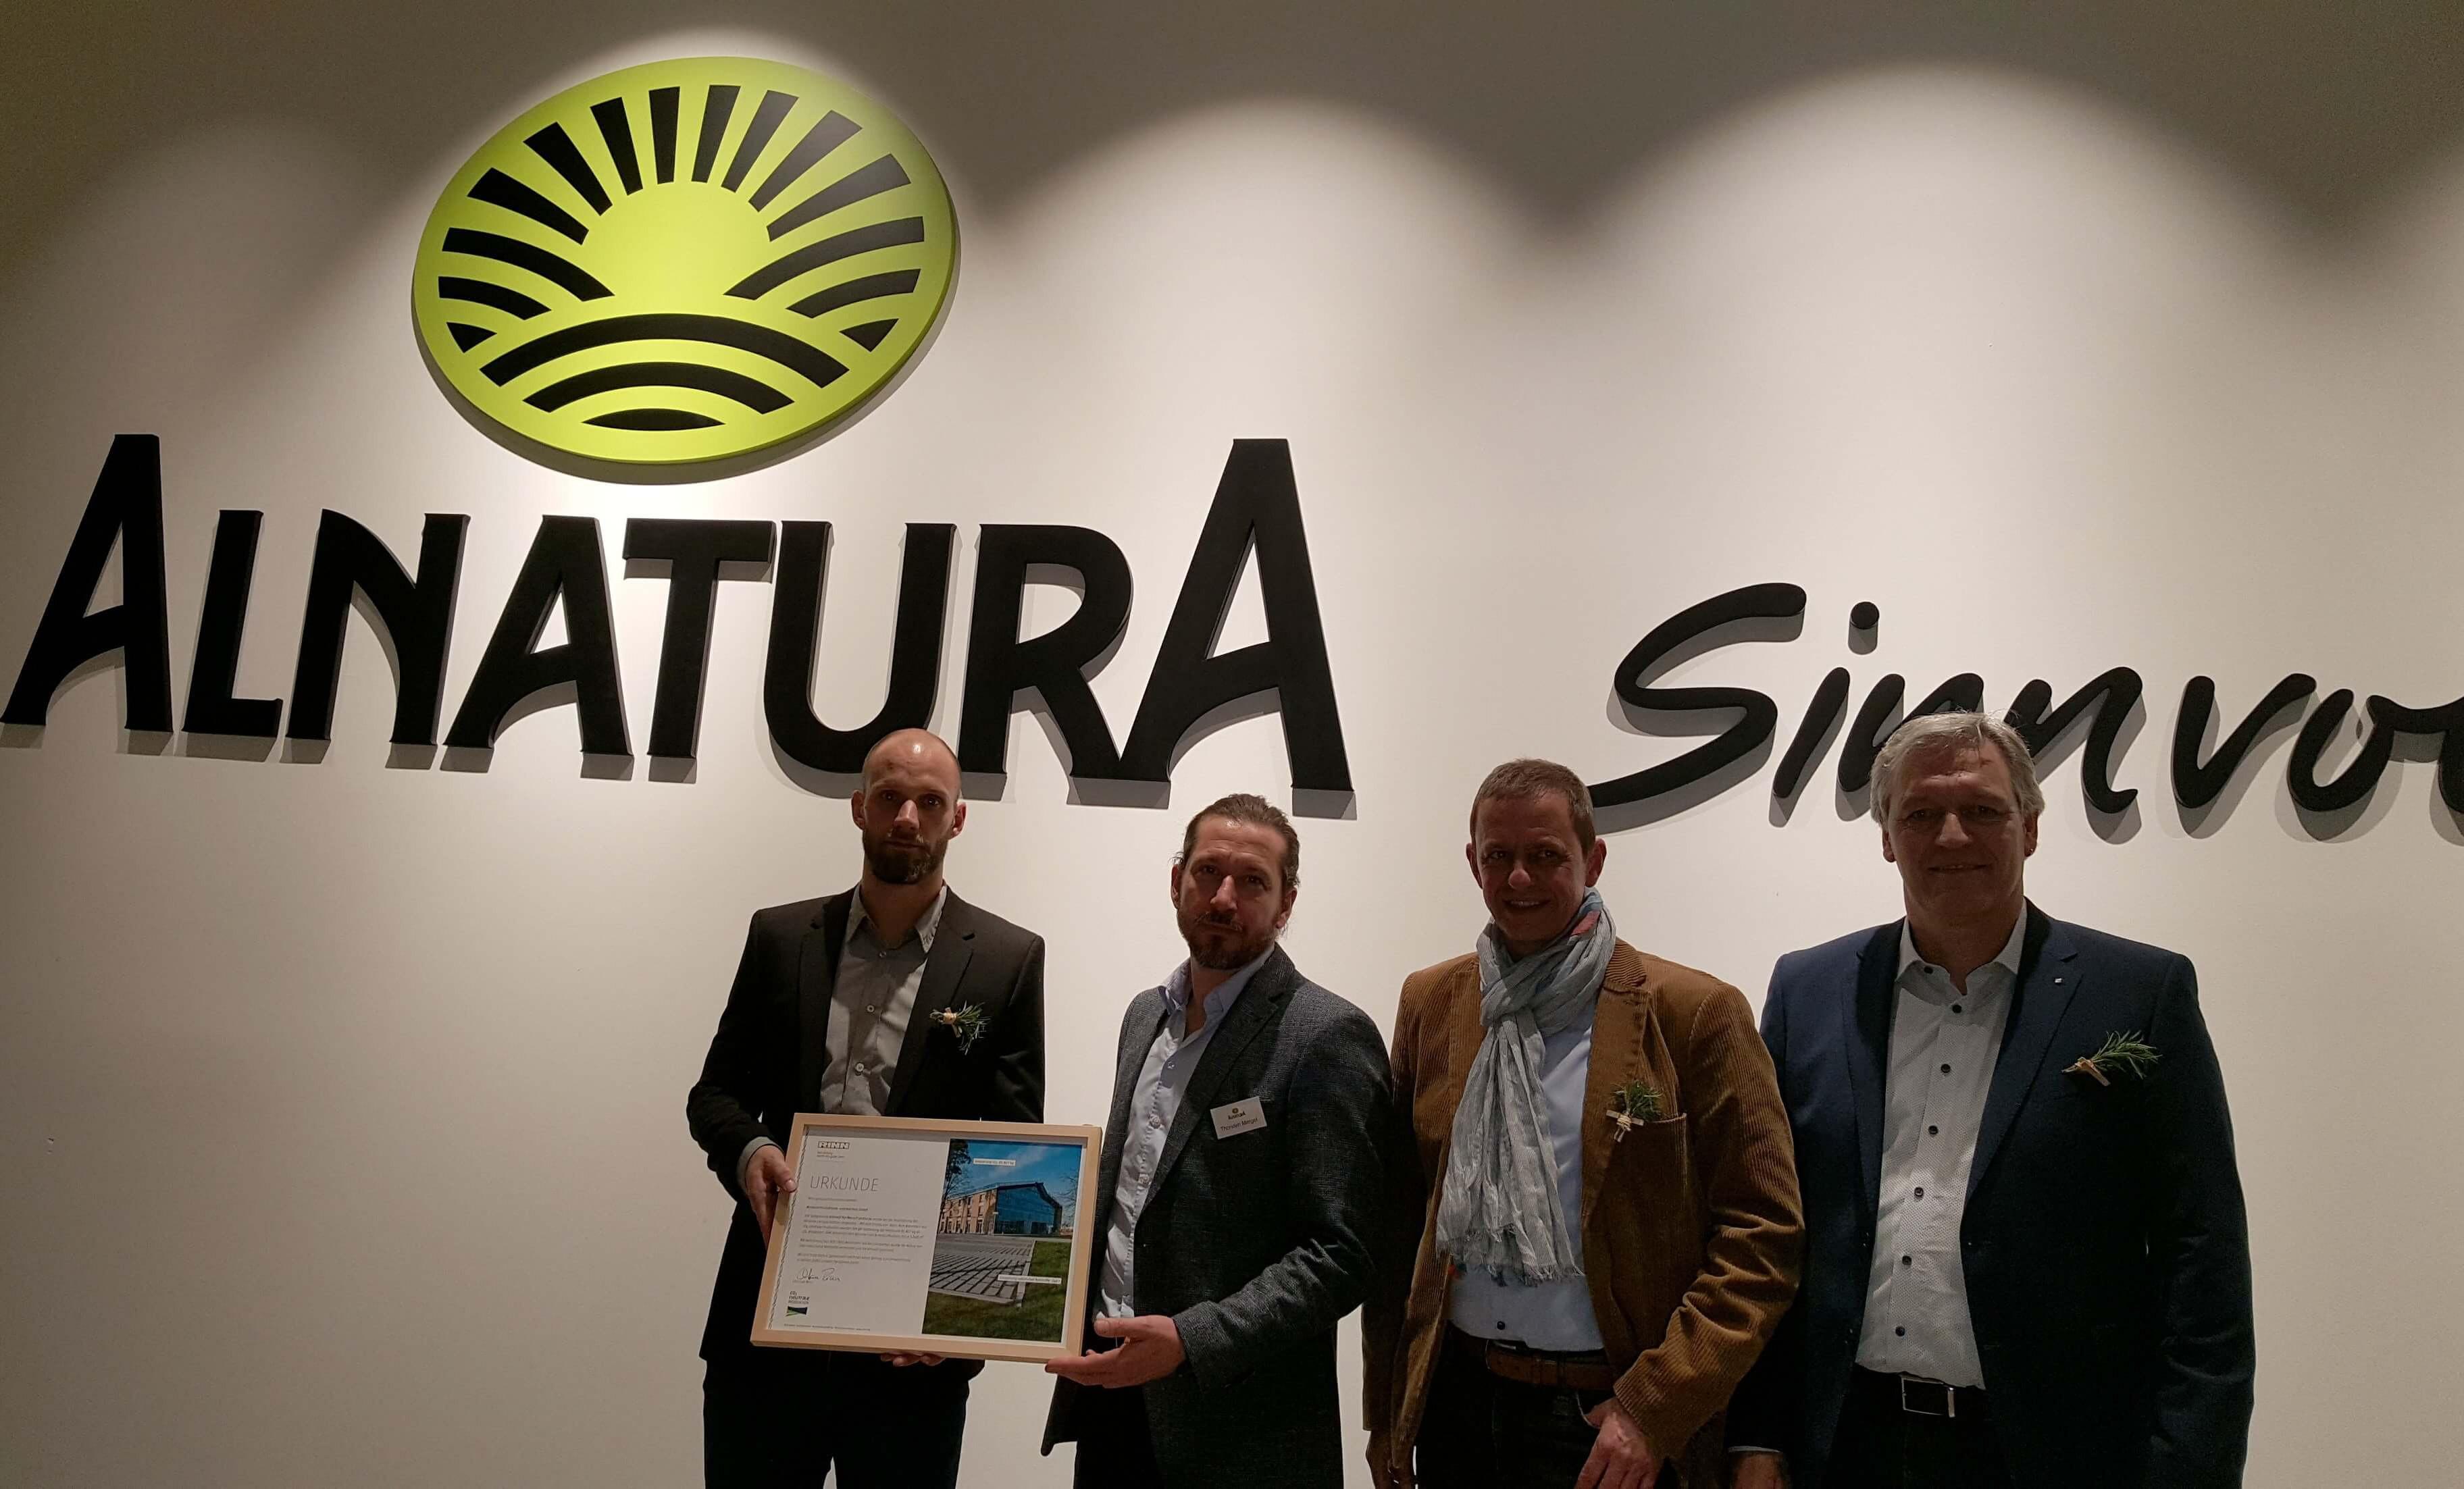 Gruppenfoto von der Eröffnungsfeier mit Rinn-Mitarbeitern und dem Alnatura Betriebsverantwortlichen Expansion und Immobile Thorsten Mergel.